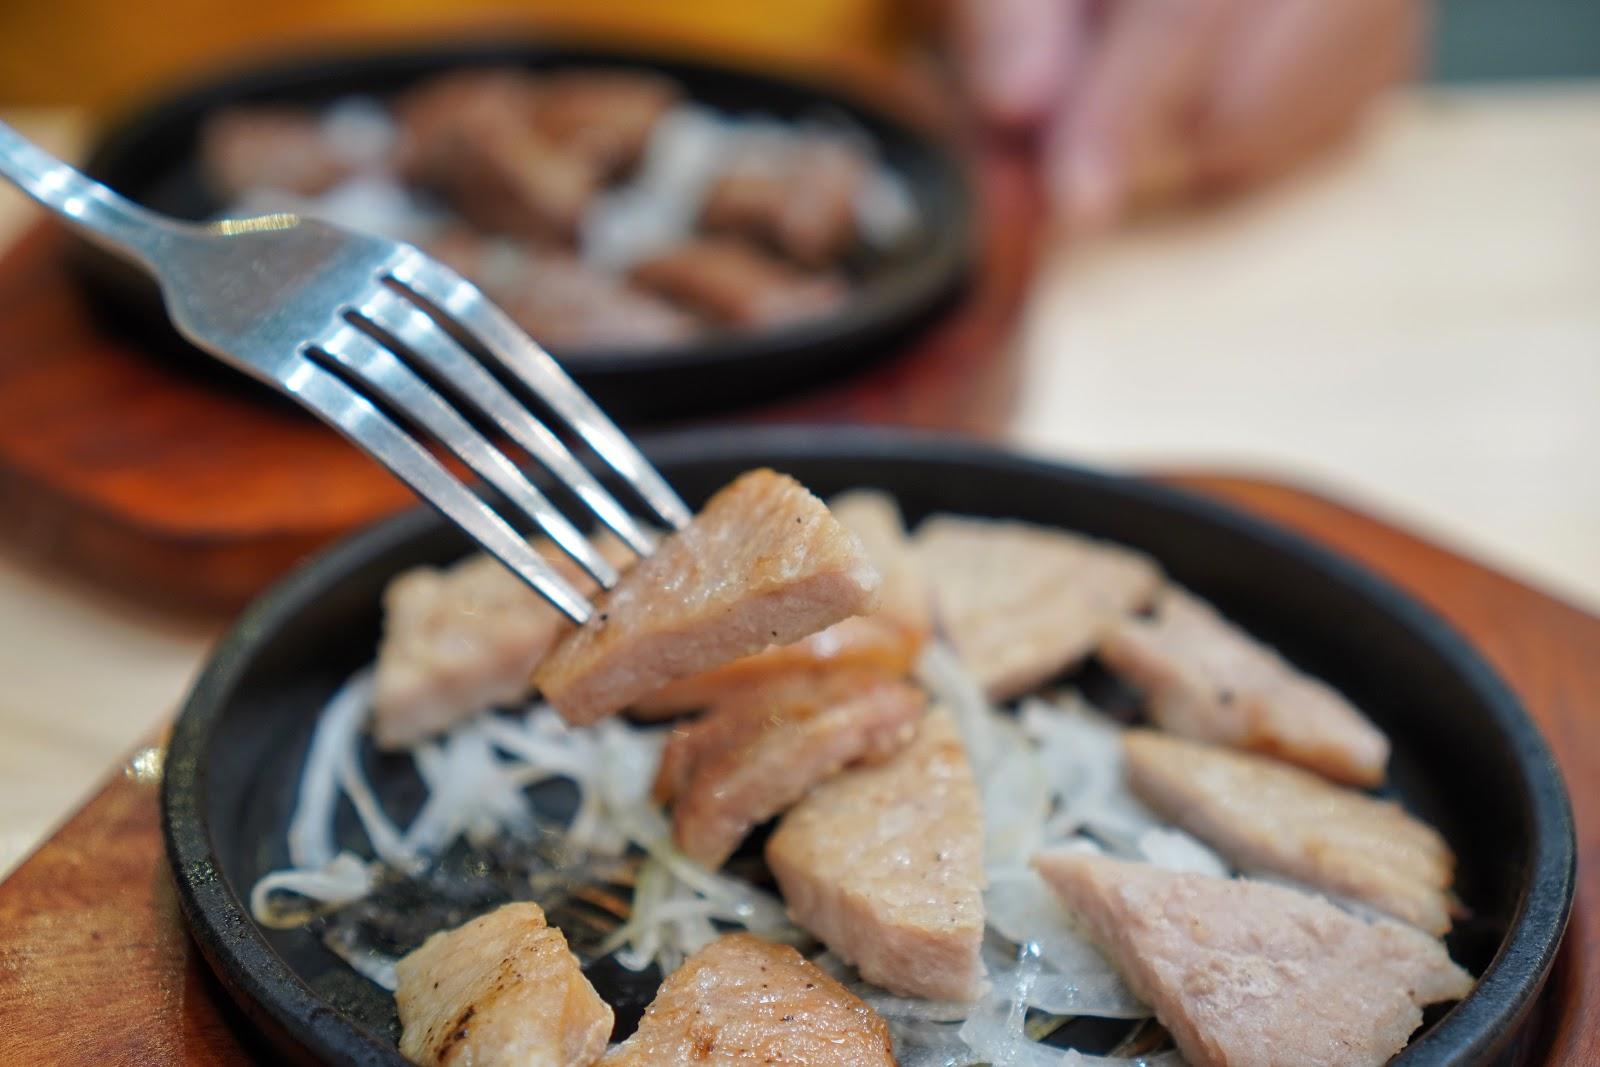 台南安南區美食【19House炙燒牛排安南店】googel打卡活動 骰子豬